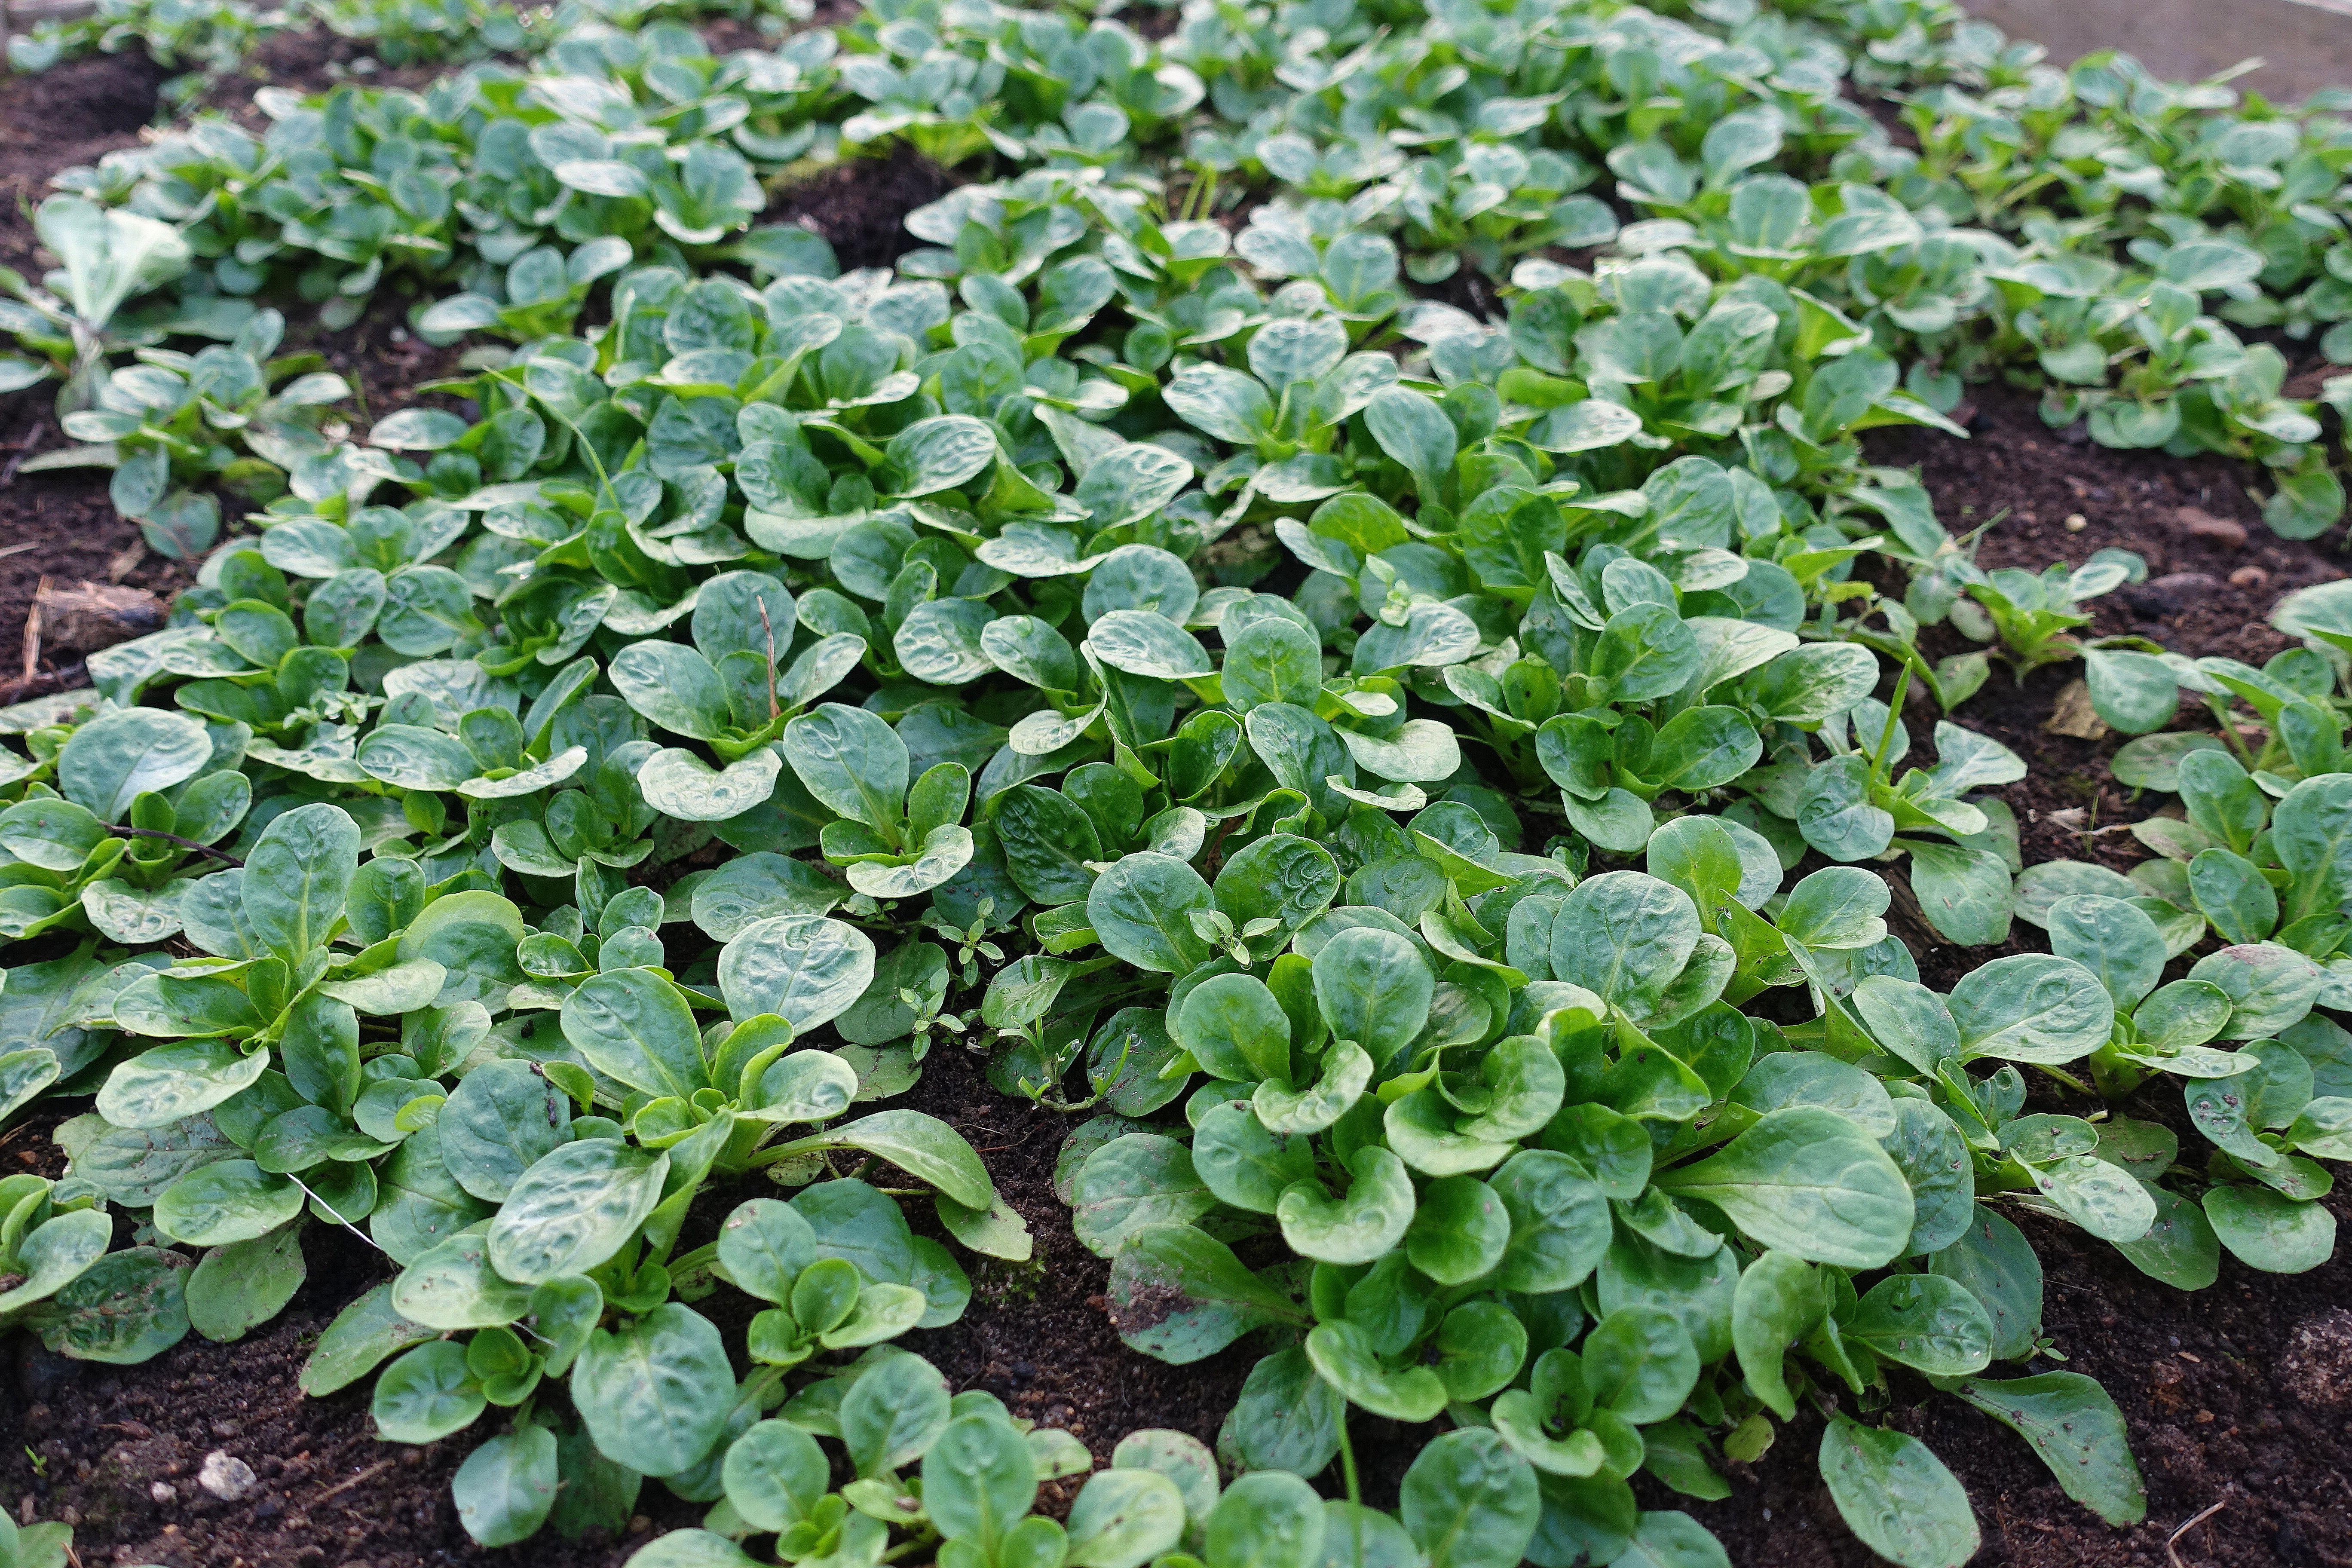 En tät matta av gröna blanka blad.